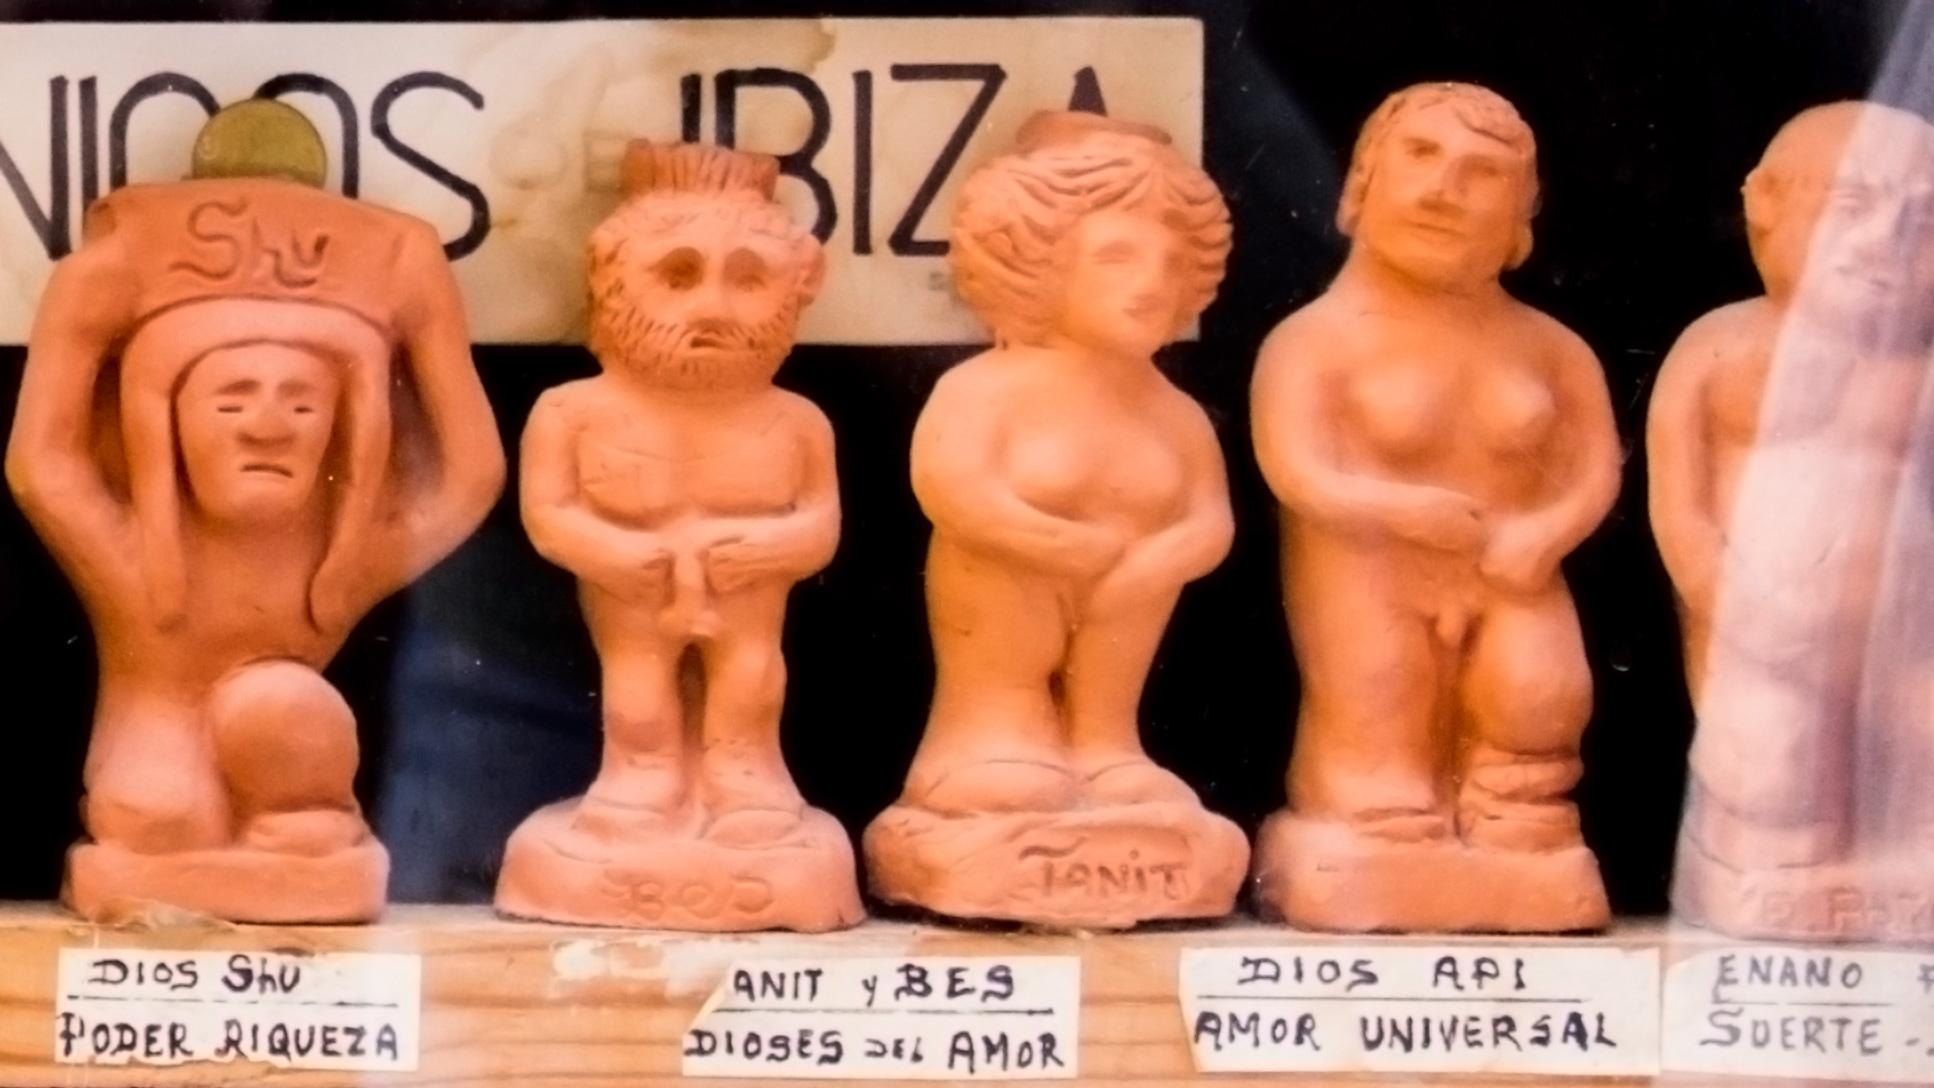 Dioses de Ibiza